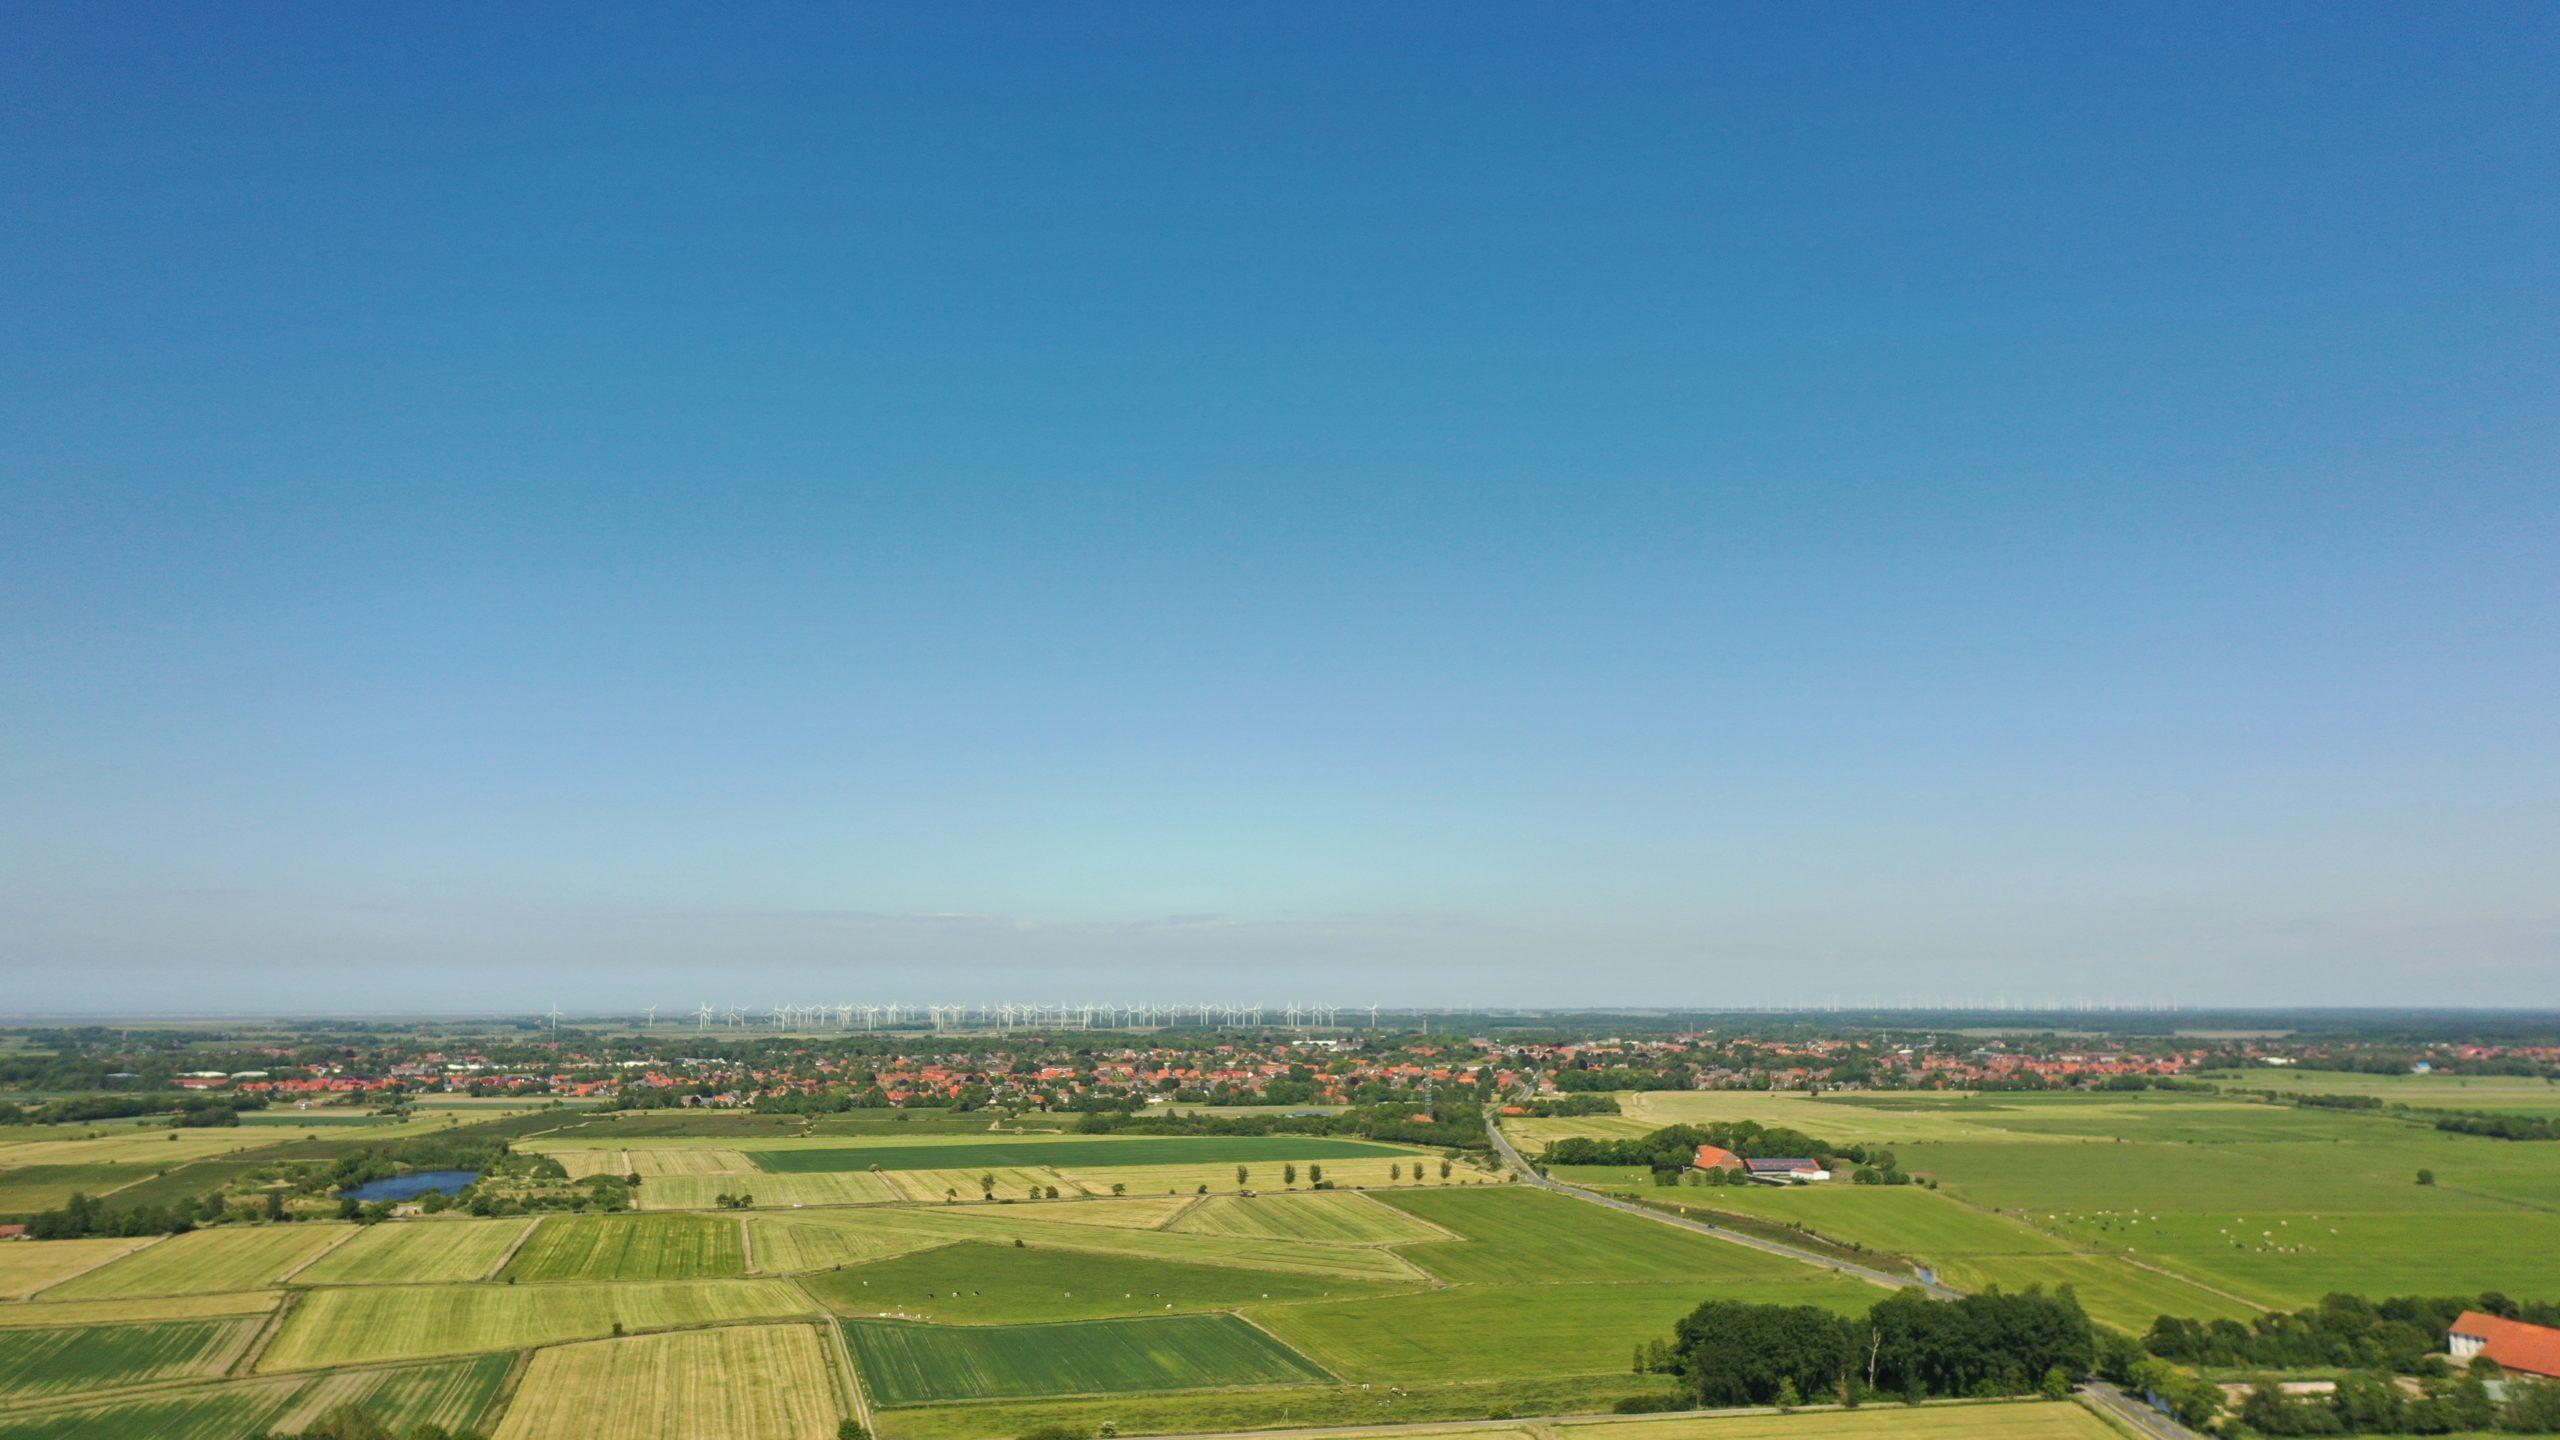 Norden, Ostfriesland